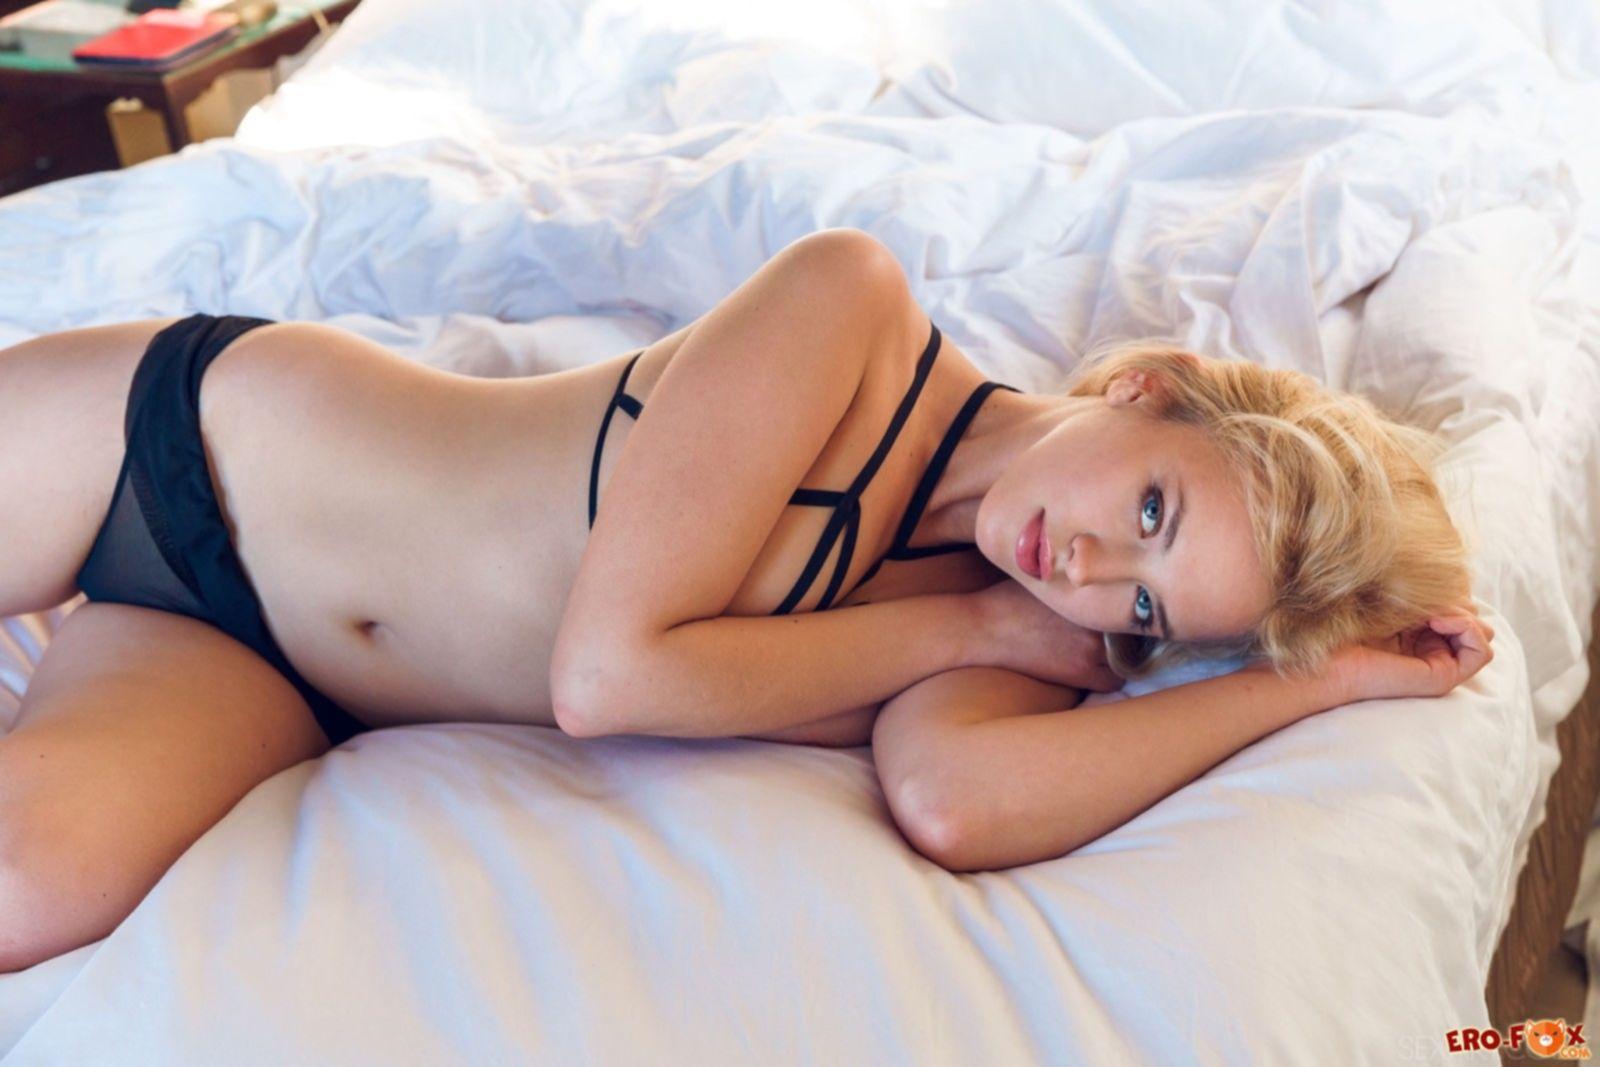 Красивая блондинка с сексуальным телом в постели - фото